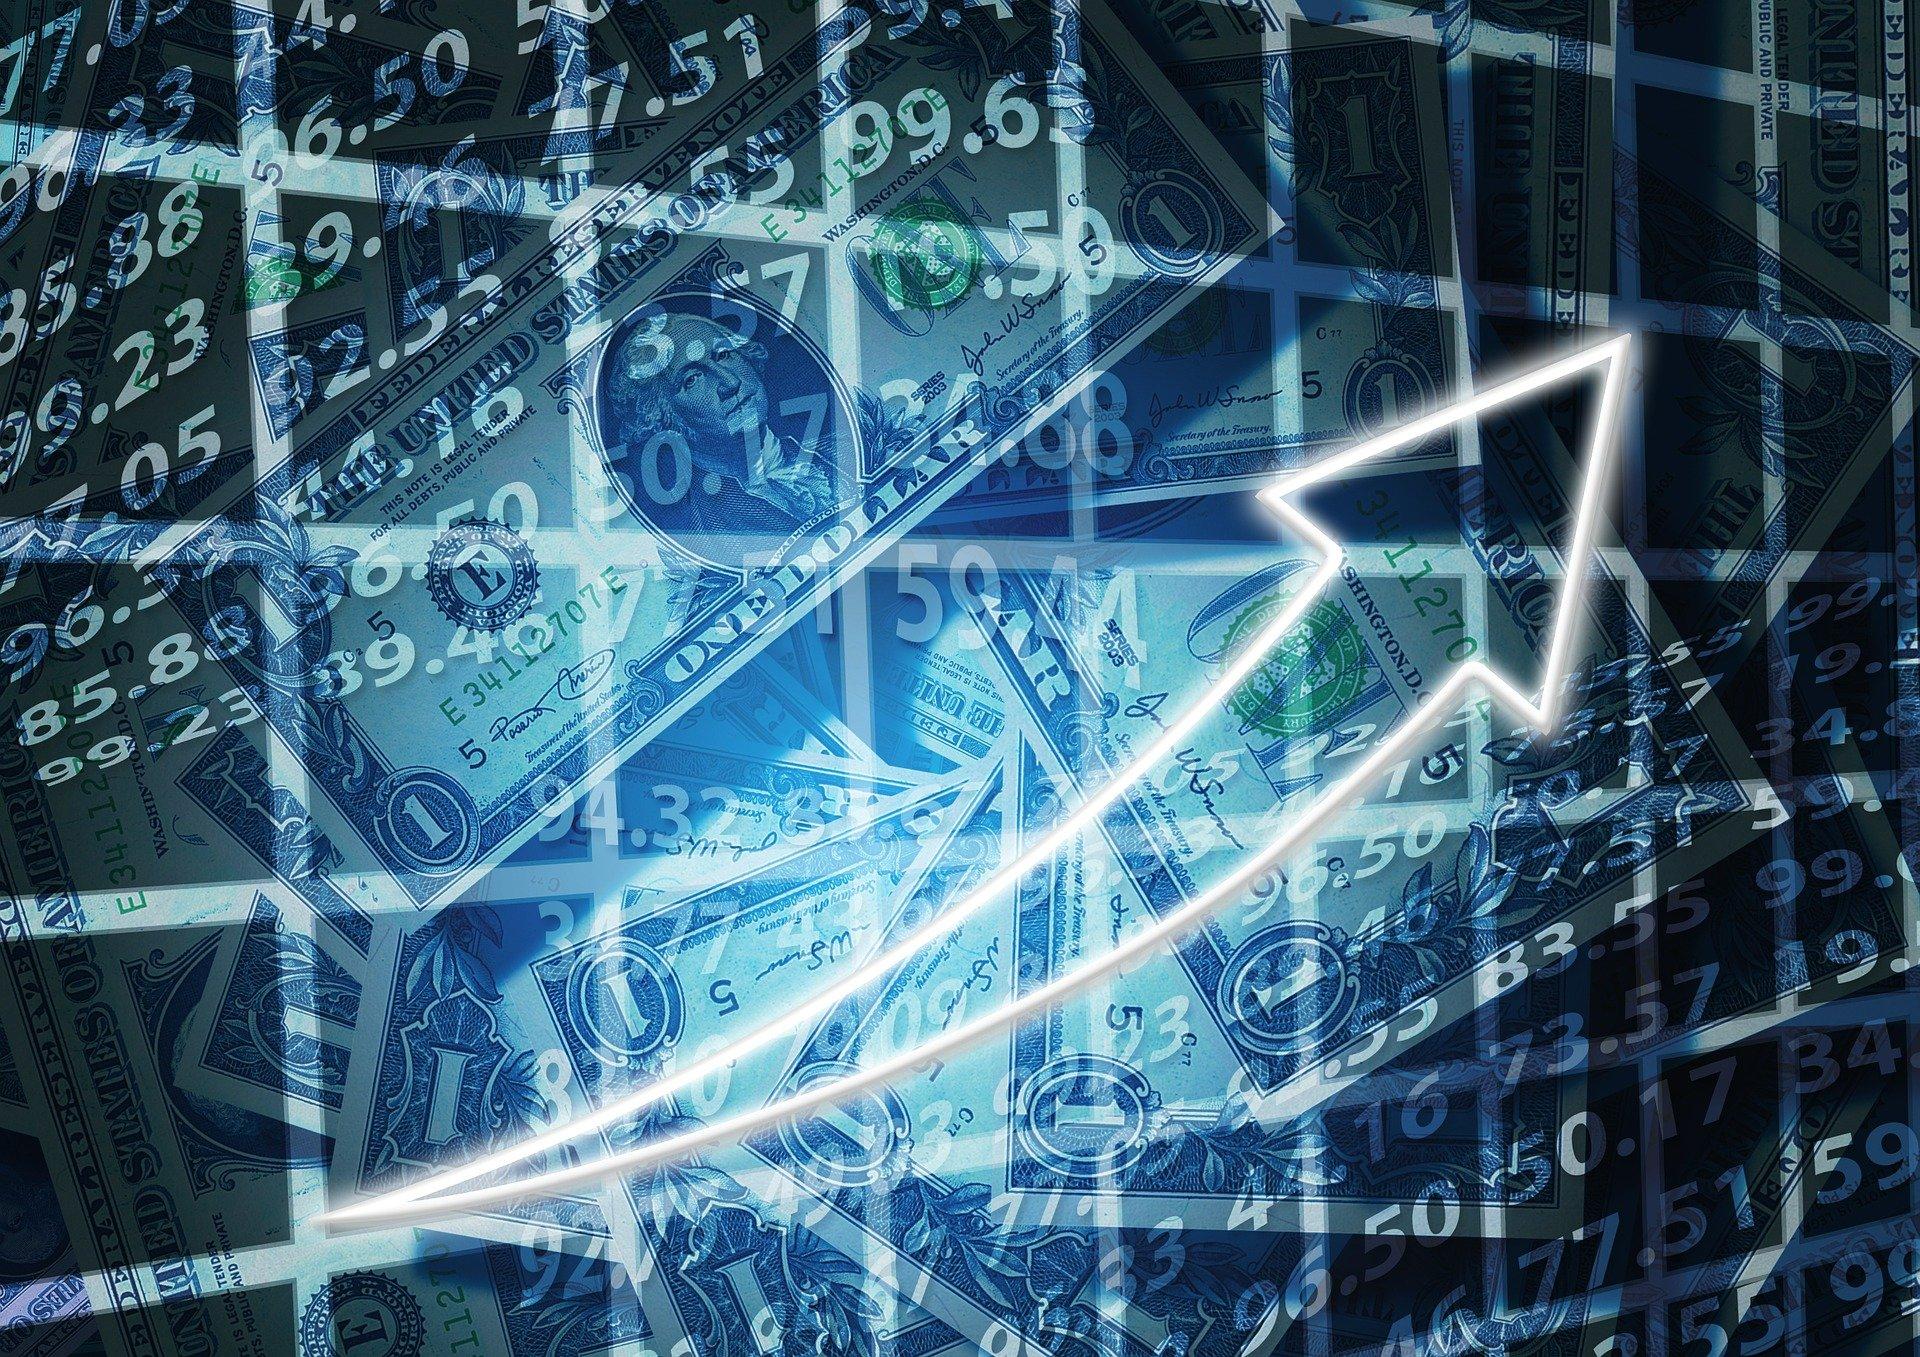 أظهرت وثيقة أن شركة أرامكو السعودية عينت مجموعة من البنوك لترتيب إصدار صكوك مقومة بالدولار، وذلك في إطار سعيها لجمع سيولة. وأوضحت الوثيقة أن البنوك سترتب اتصالات بمستثمري الدخل الثابت بداية من اليوم ويعقب ذلك إصدار صكوك على ثلاث شرائح لآجال ثلاث وخمس وعشر سنوات، وذلك وفقاً لظروف السوق. ومديرو دفاتر الاكتتاب النشطون في الإصدار هم شركة الإنماء للاستثمار والراجحي المالية وبي.إن.بي باريبا وبنك أبوظبي الأول وجولدمان ساكس وإتش.إس.بي.سي وجيه بي مورجان ومورجان ستانلي والأهلي كابيتال والرياض المالية وسي.ام.بي.سي وستاندرد تشارترد. وحافظت أرامكو العام الماضي على تعهدها بتوزيعات نقدية قدرها 75 مليار دولار رغم انخفاض أسعار النفط، ومن المتوقع أن تتحمل مسؤولية ضخ استثمارات محلية كبيرة تشكل جزءاً من خطط السعودية لتطوير اقتصادها.وتسعى أرامكو لجمع ما يصل إلى خمسة مليارات دولار حسبما قال مصدر مطلع لرويترز الأسبوع الماضي. وقال المصدر إن الشركة اختارت إصدار صكوك نظراً للطلب الكبير على هذه الأداة نتيجة قلة مبيعات الصكوك الدولارية في الخليج العام الجاري.  وكان متوقعاً على نطاق واسع أن تصدر أرامكو سندات بشكل منتظم عقب إصدارها الأول الذي كان بحجم 12 مليار دولار في 2019، والذي أعقبه إصدار على خمس شرائح بقيمة ثمانية مليارات دولار في نوفمبر من العام الماضي، والذي استخدم أيضاً في تمويل التوزيعات النقدية. وذكرت نشرة الاكتتاب التي اطلعت عليها رويترز، أن حصيلة الصكوك سوف تستخدم للأغراض العامة للشركة، ولكن محللين ومصادر قالوا إن جزءاً على الأقل من الحصيلة سيُستخدم في تمويل توزيعات أرامكو.  ومديرو الدفاتر الخاملون في الصفقة هم بنك أبوظبي التجاري والبلاد المالية والجزيرة كابيتال والاستثمار كابيتال والعربي للاستثمار وبي.أو.سي إنترناشونال وكريدي أجريكول وبنك دبي الإسلامي والإمارات دبي الوطني كابيتال وجي.آي.بي كابيتال وبيتك كابيتال وإم.يو.إف.جي وميزوهو والوطني للاستثمار والسعودي الفرنسي كابيتال وسوسيتيه جنرال.